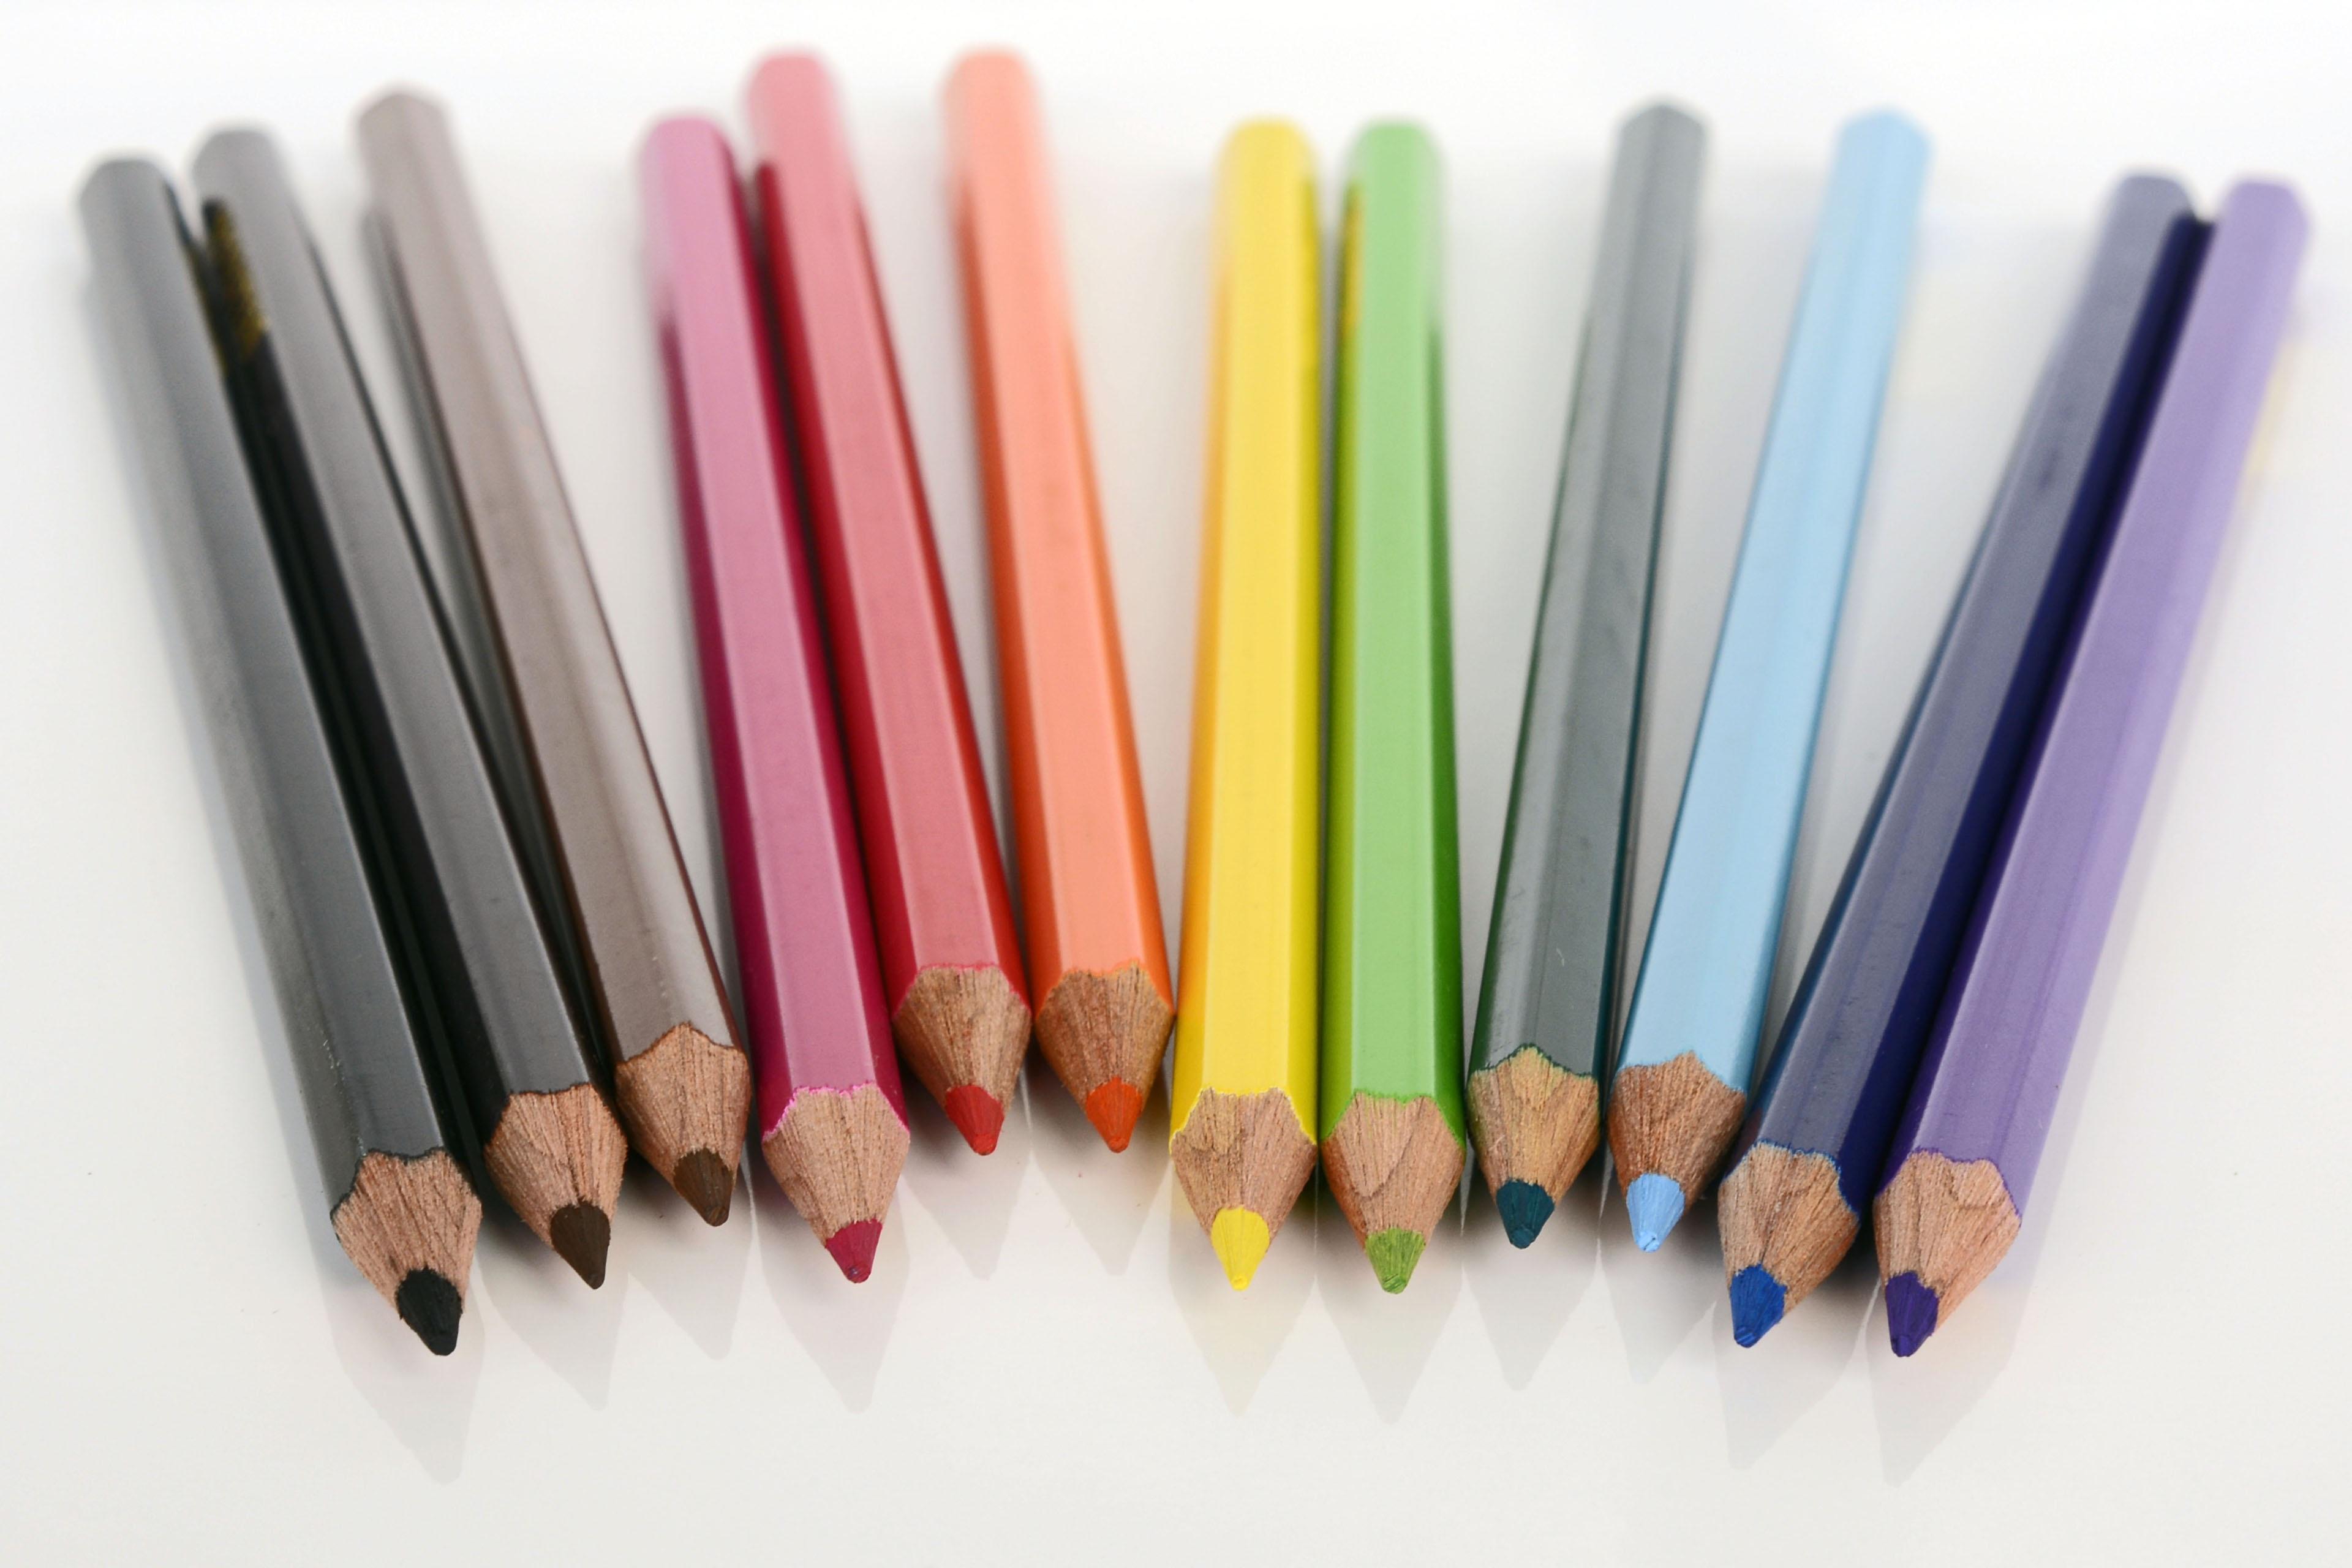 Hình ảnh Bút Chì Gỗ Cây Bút Sơn đầy Màu Sắc Bút Chì